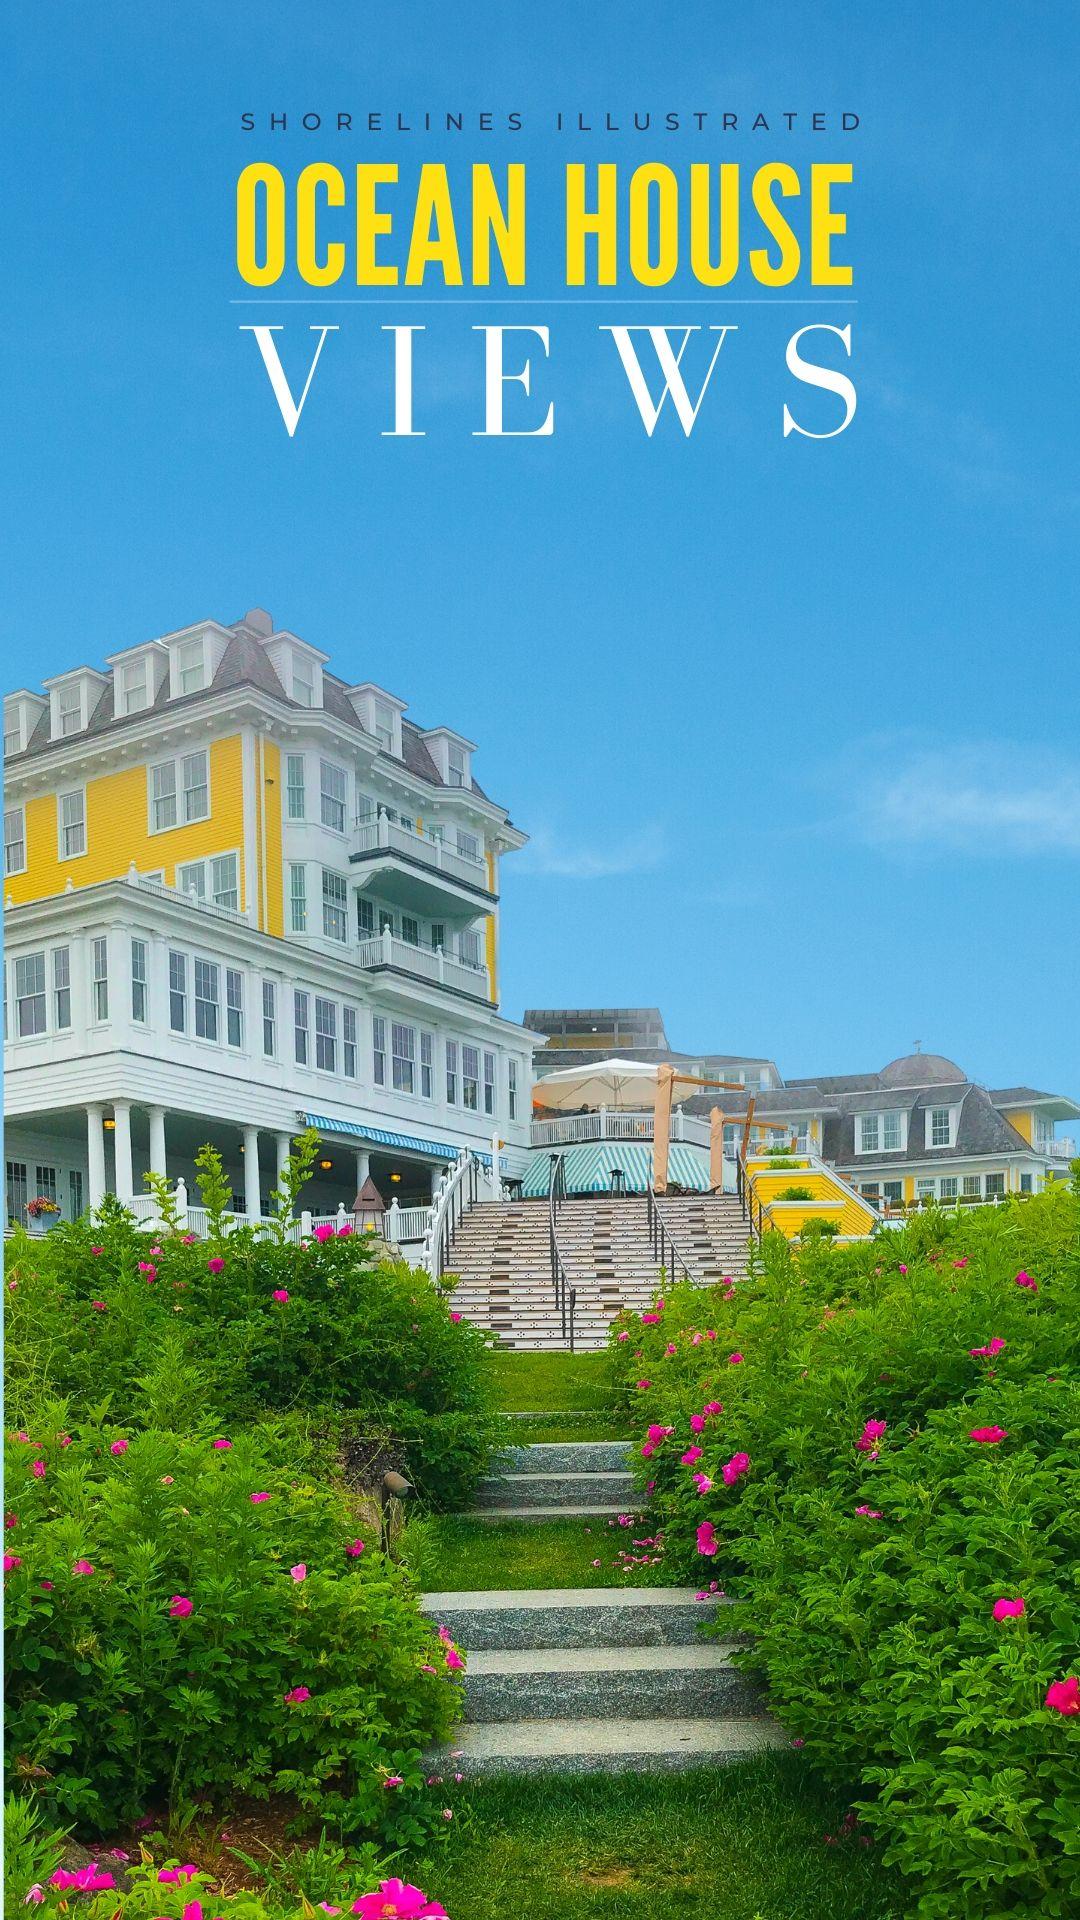 Ocean House Watch Hill Rhode Island PINS-7